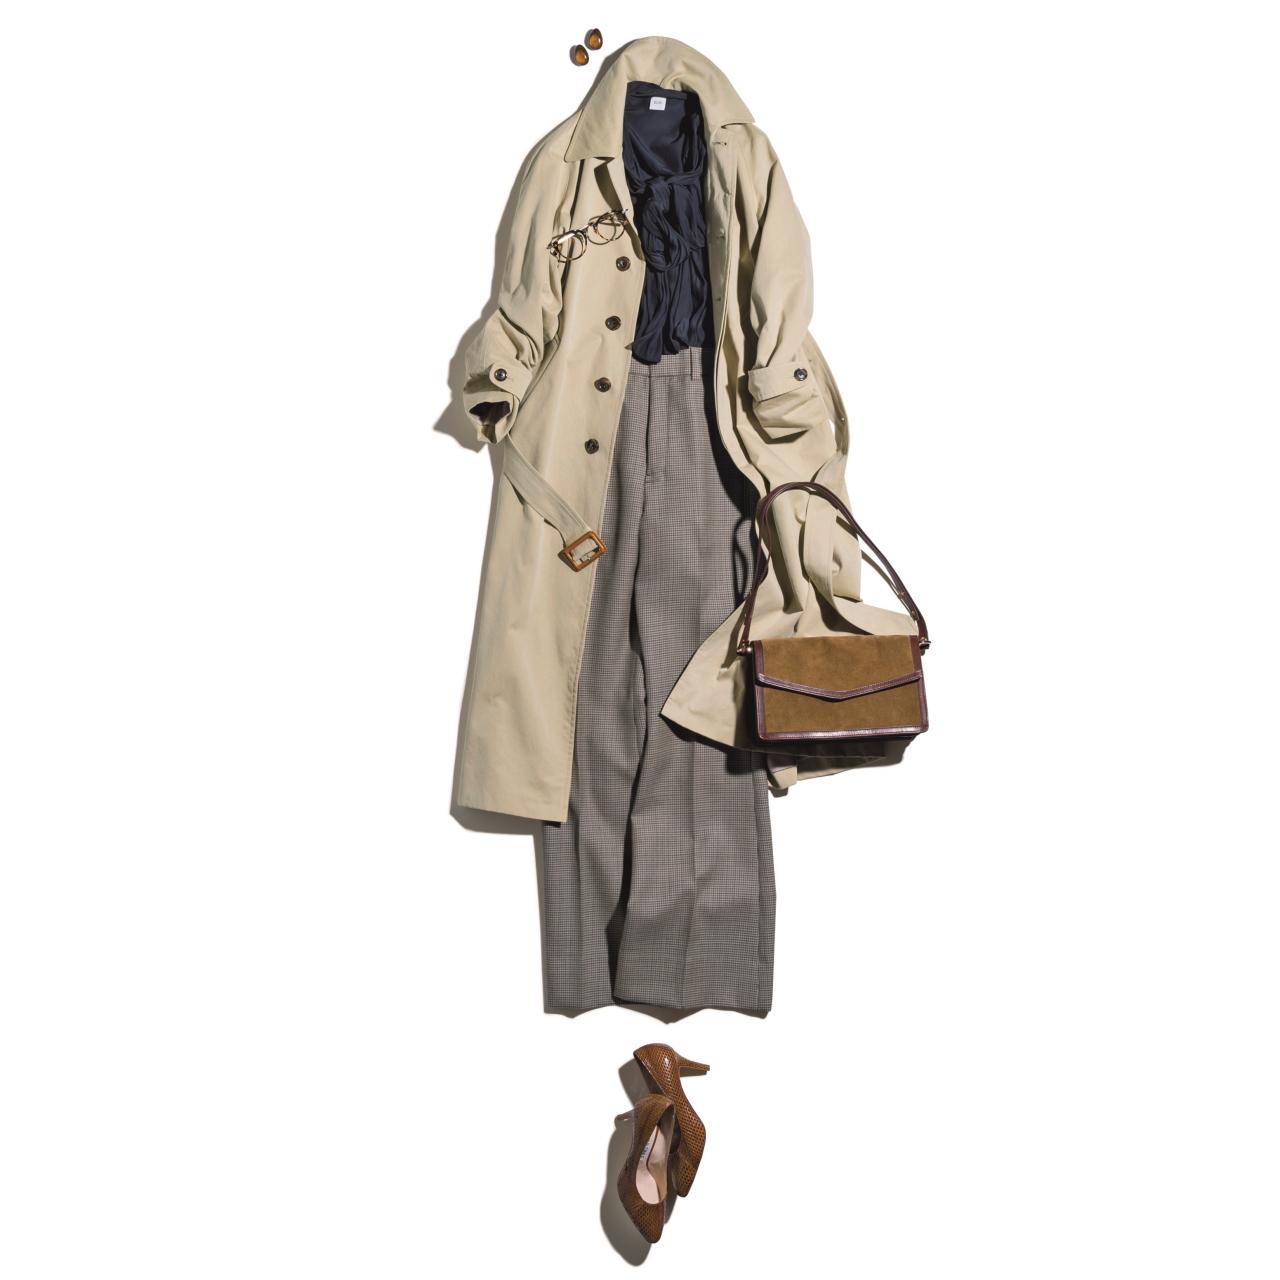 ベージュのトレンチコート×艶ブラウス&パンツのファッションコーデ